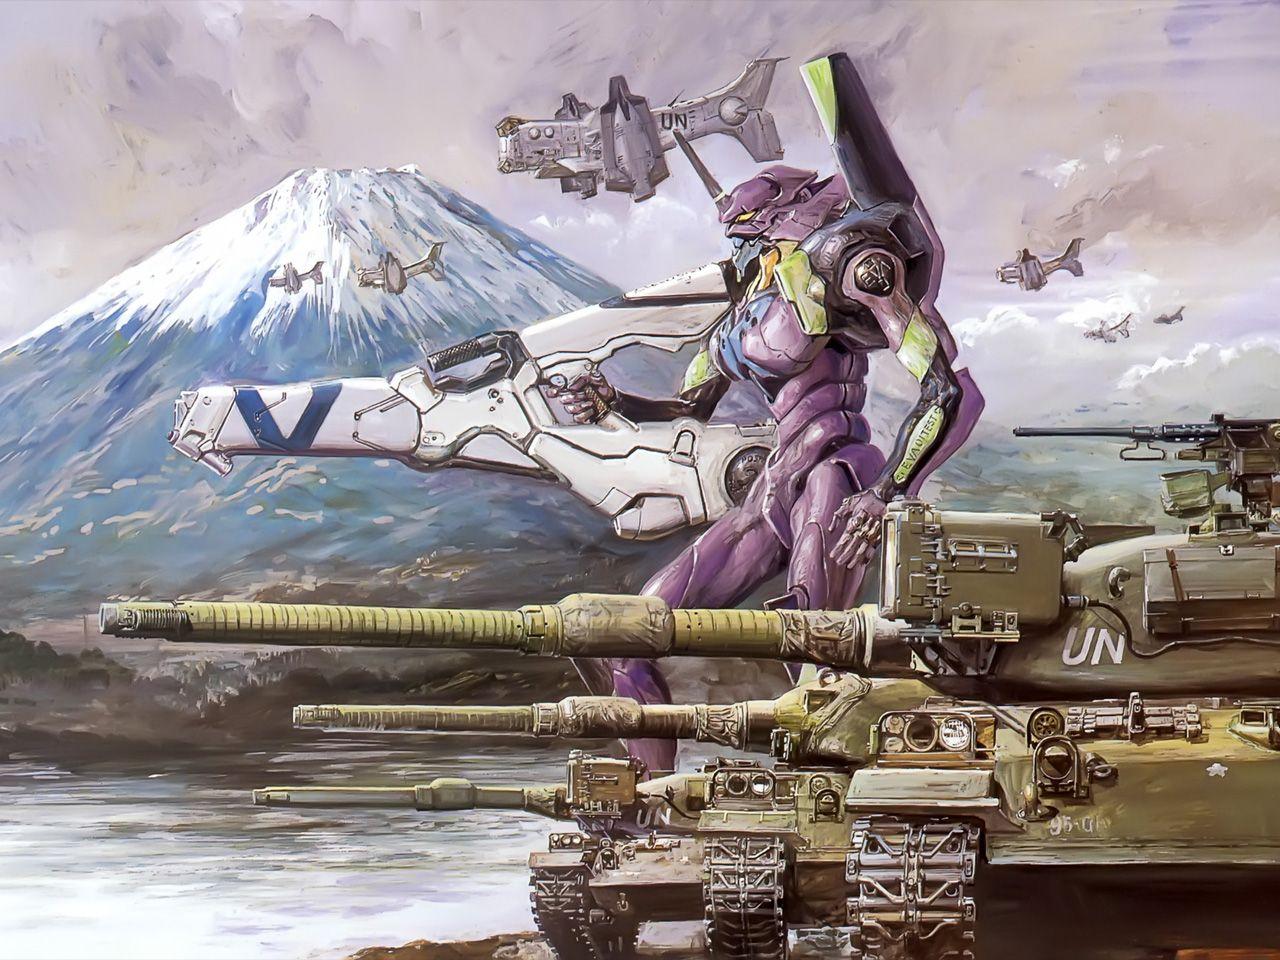 画像 かっこよすぎるエヴァンゲリオンの壁紙アート Anime, Imagem de anime, Neon